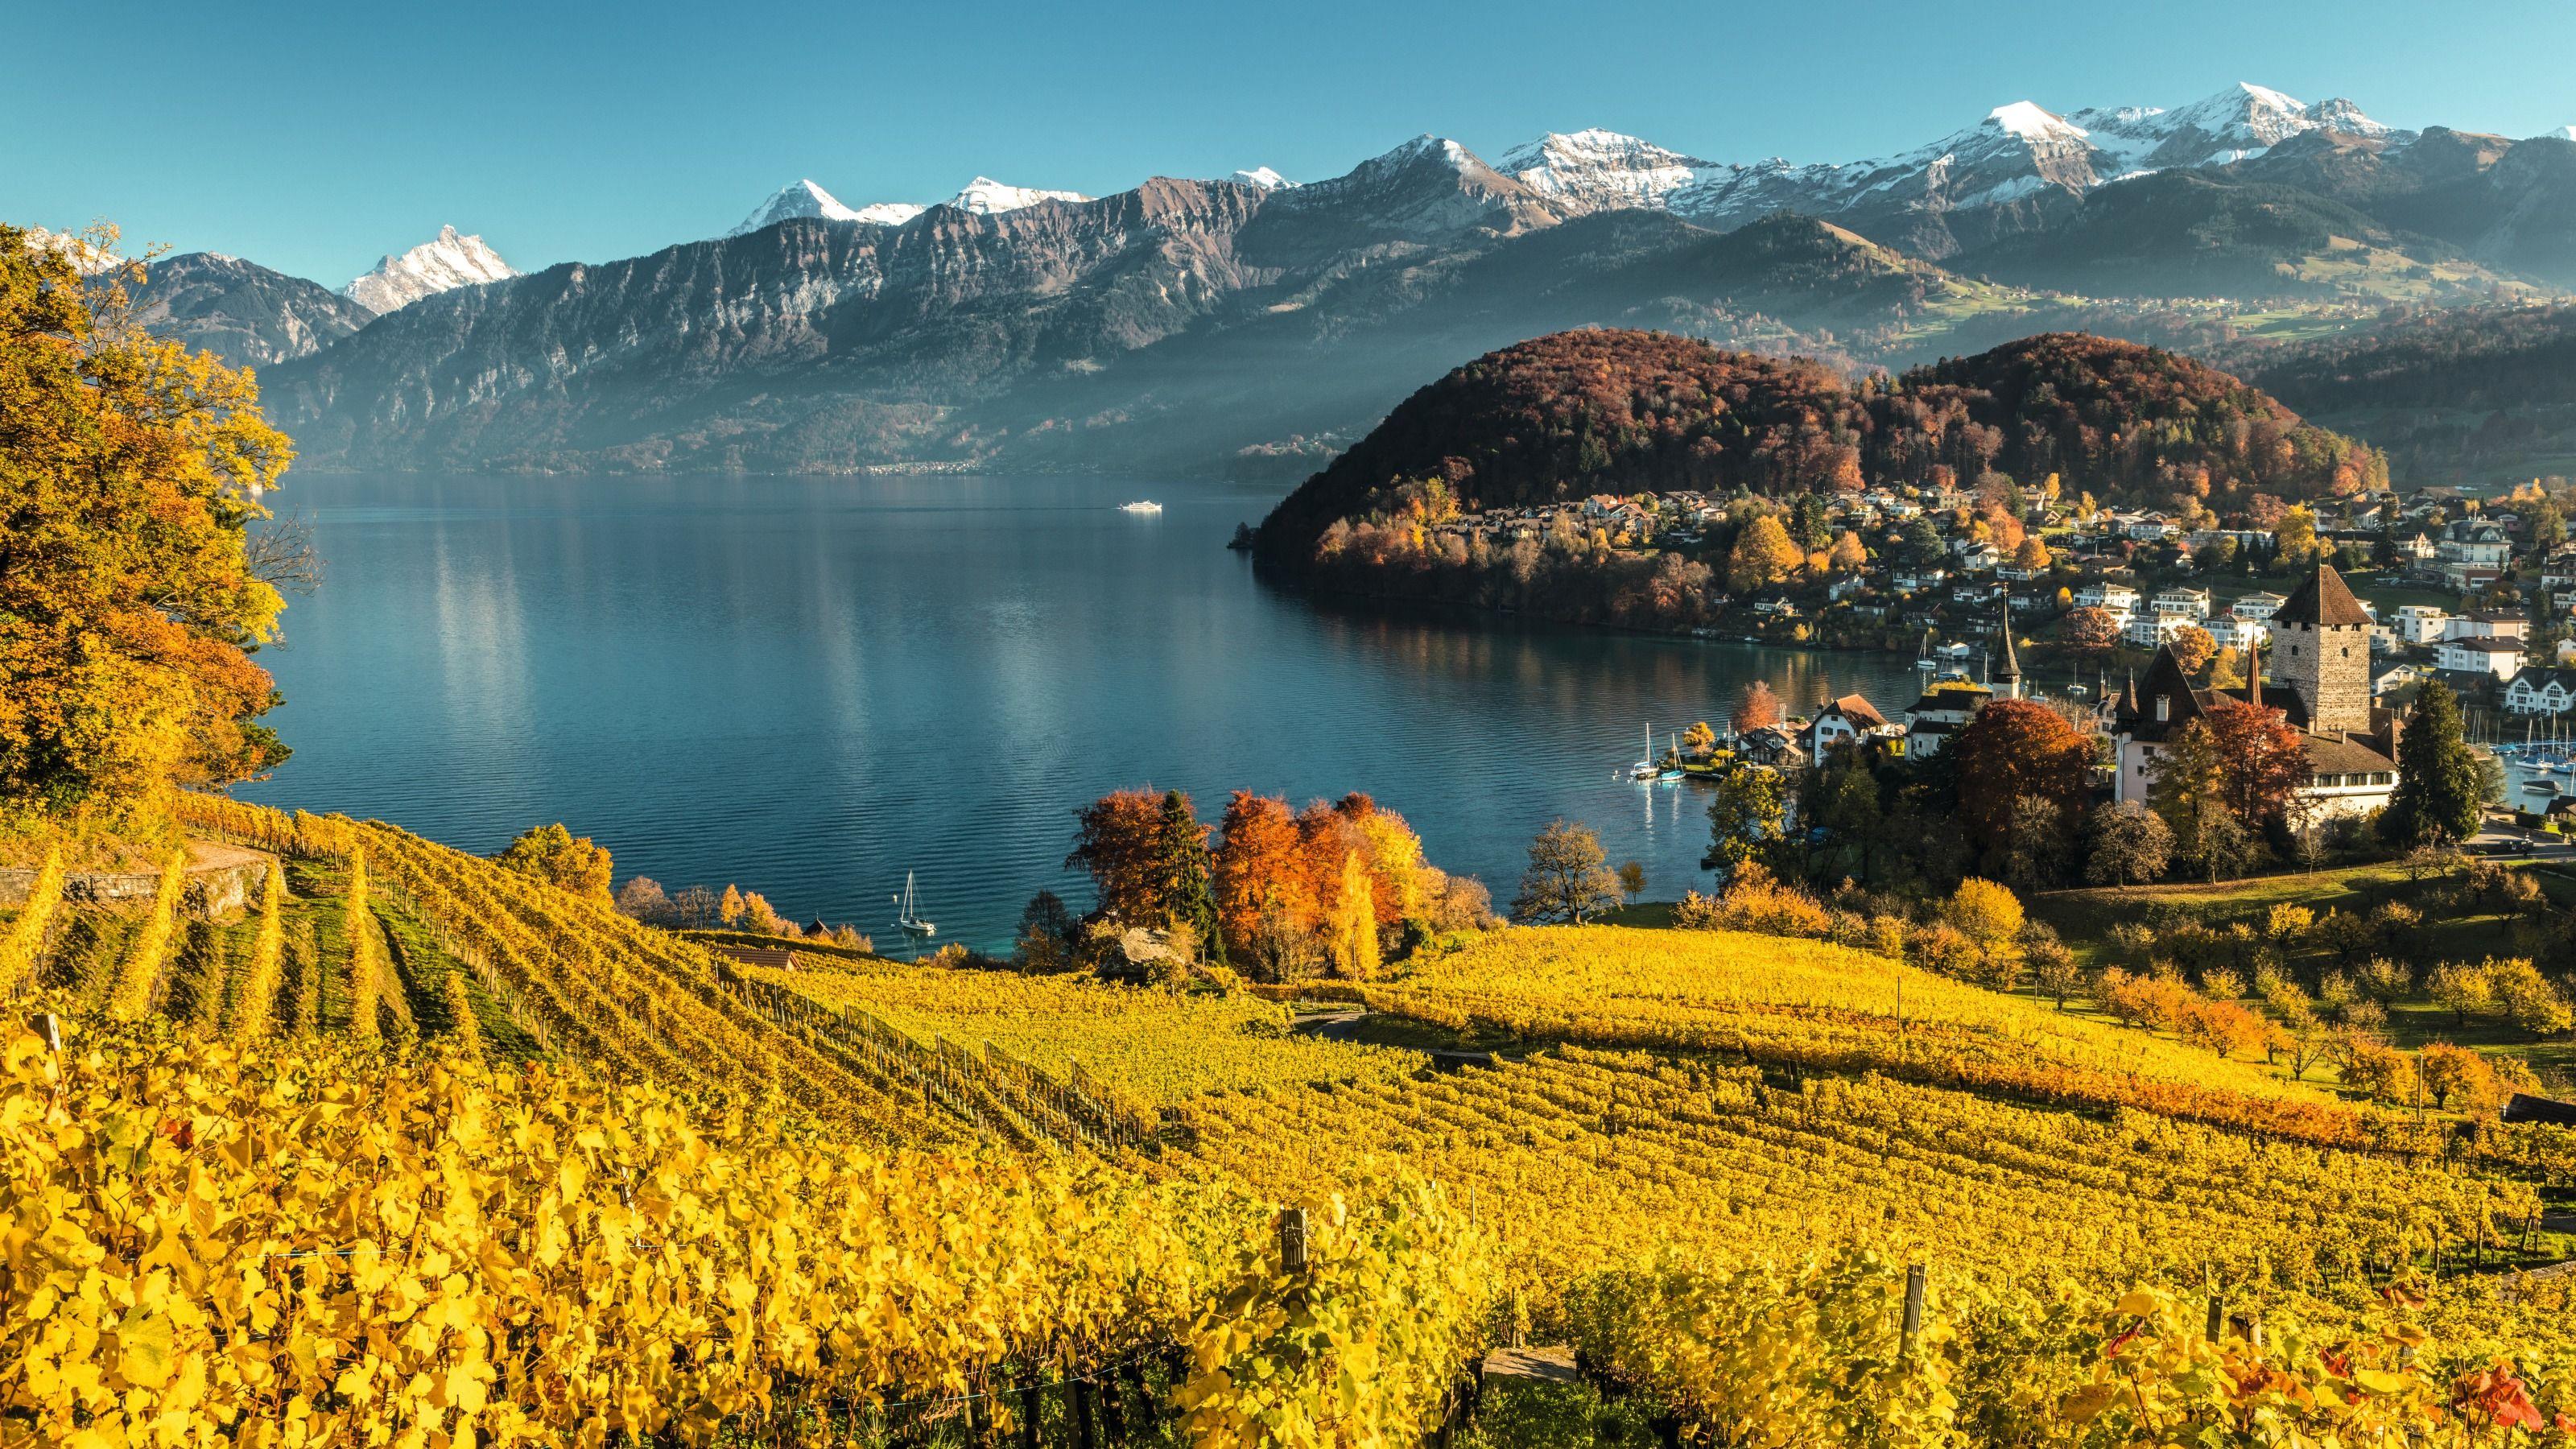 Viva el otoño suizo en todo su esplendor. Vacaciones